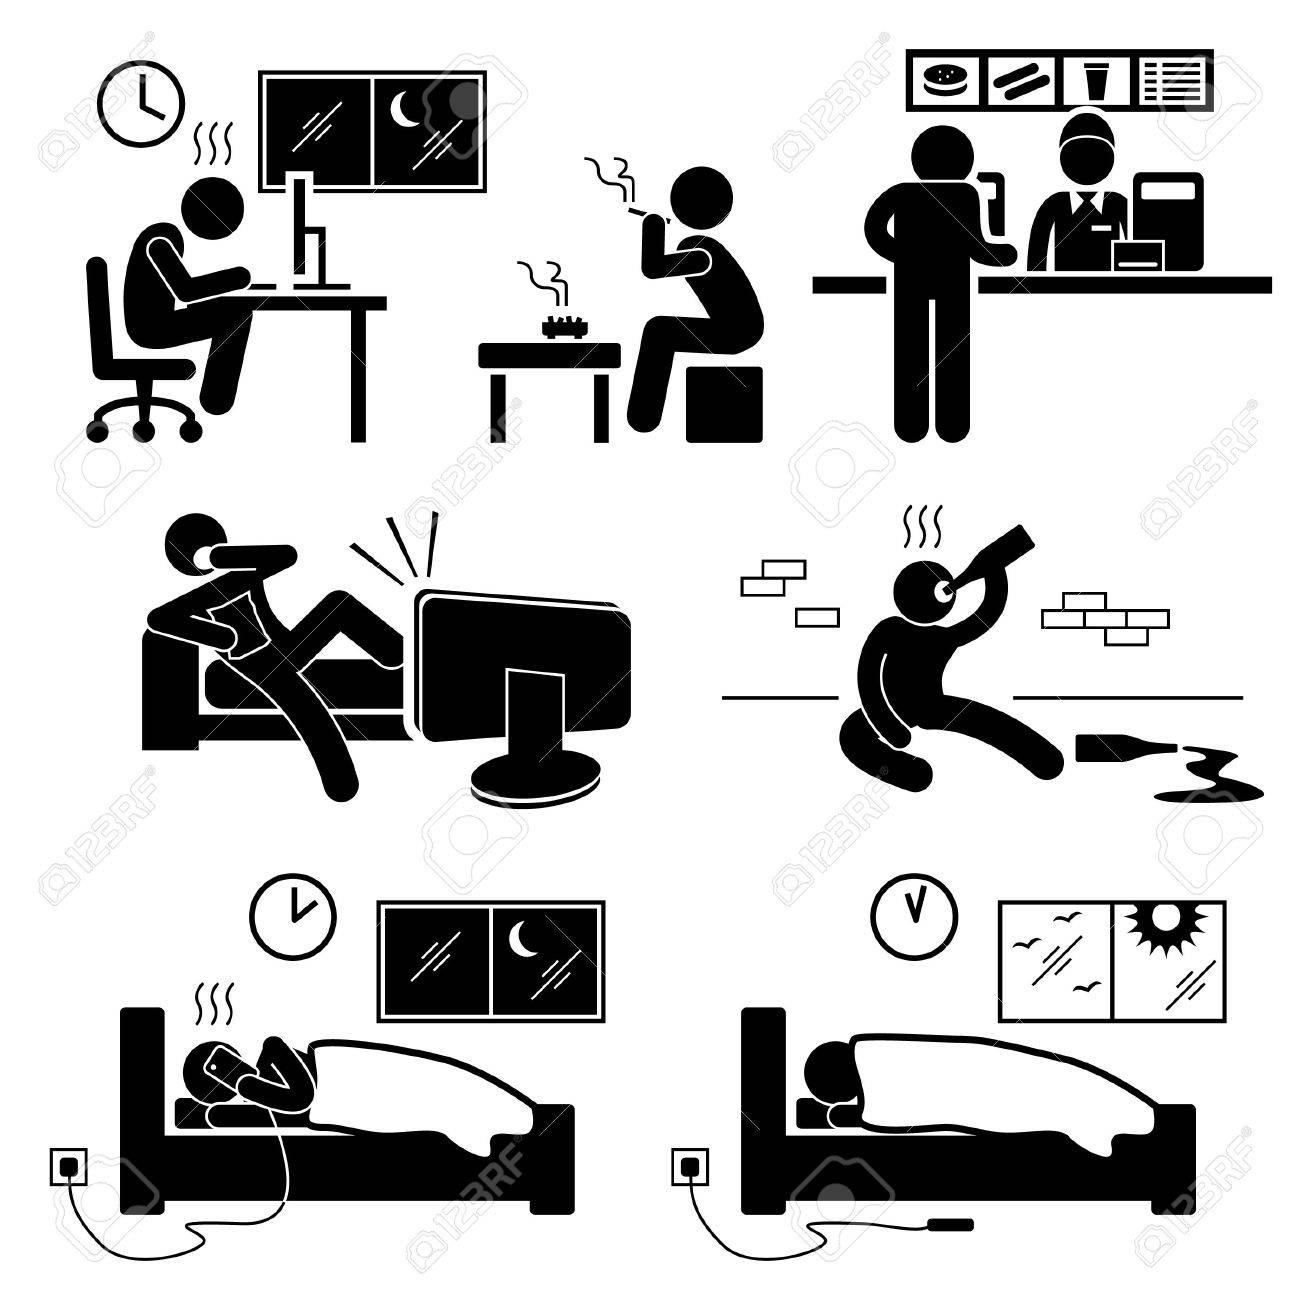 [Jeu] Association d'images - Page 6 26057711-Malsain-Mauvais-habitude-de-vie-de-b-ton-figure-pictogramme-Ic-ne-Banque-d'images